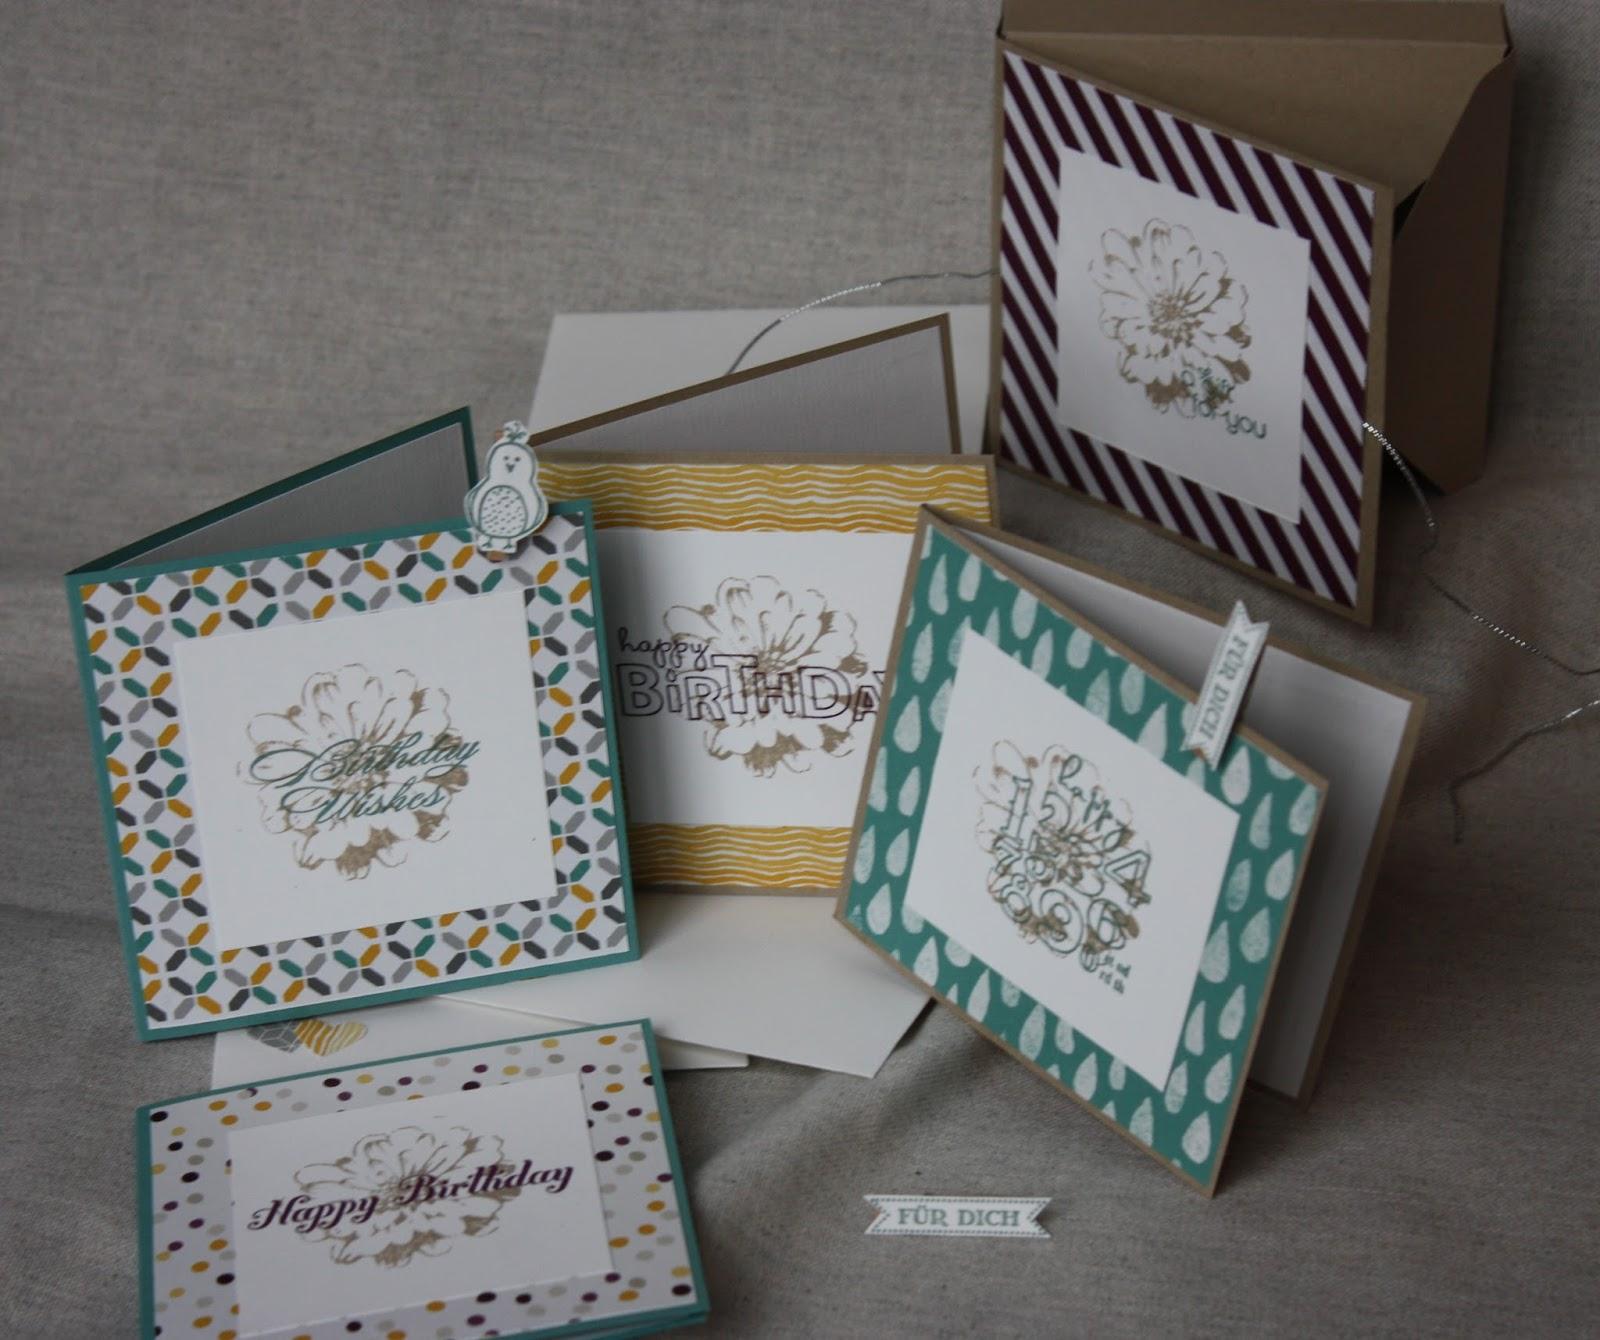 Polly kreativ: Weihnachtsgeschenke